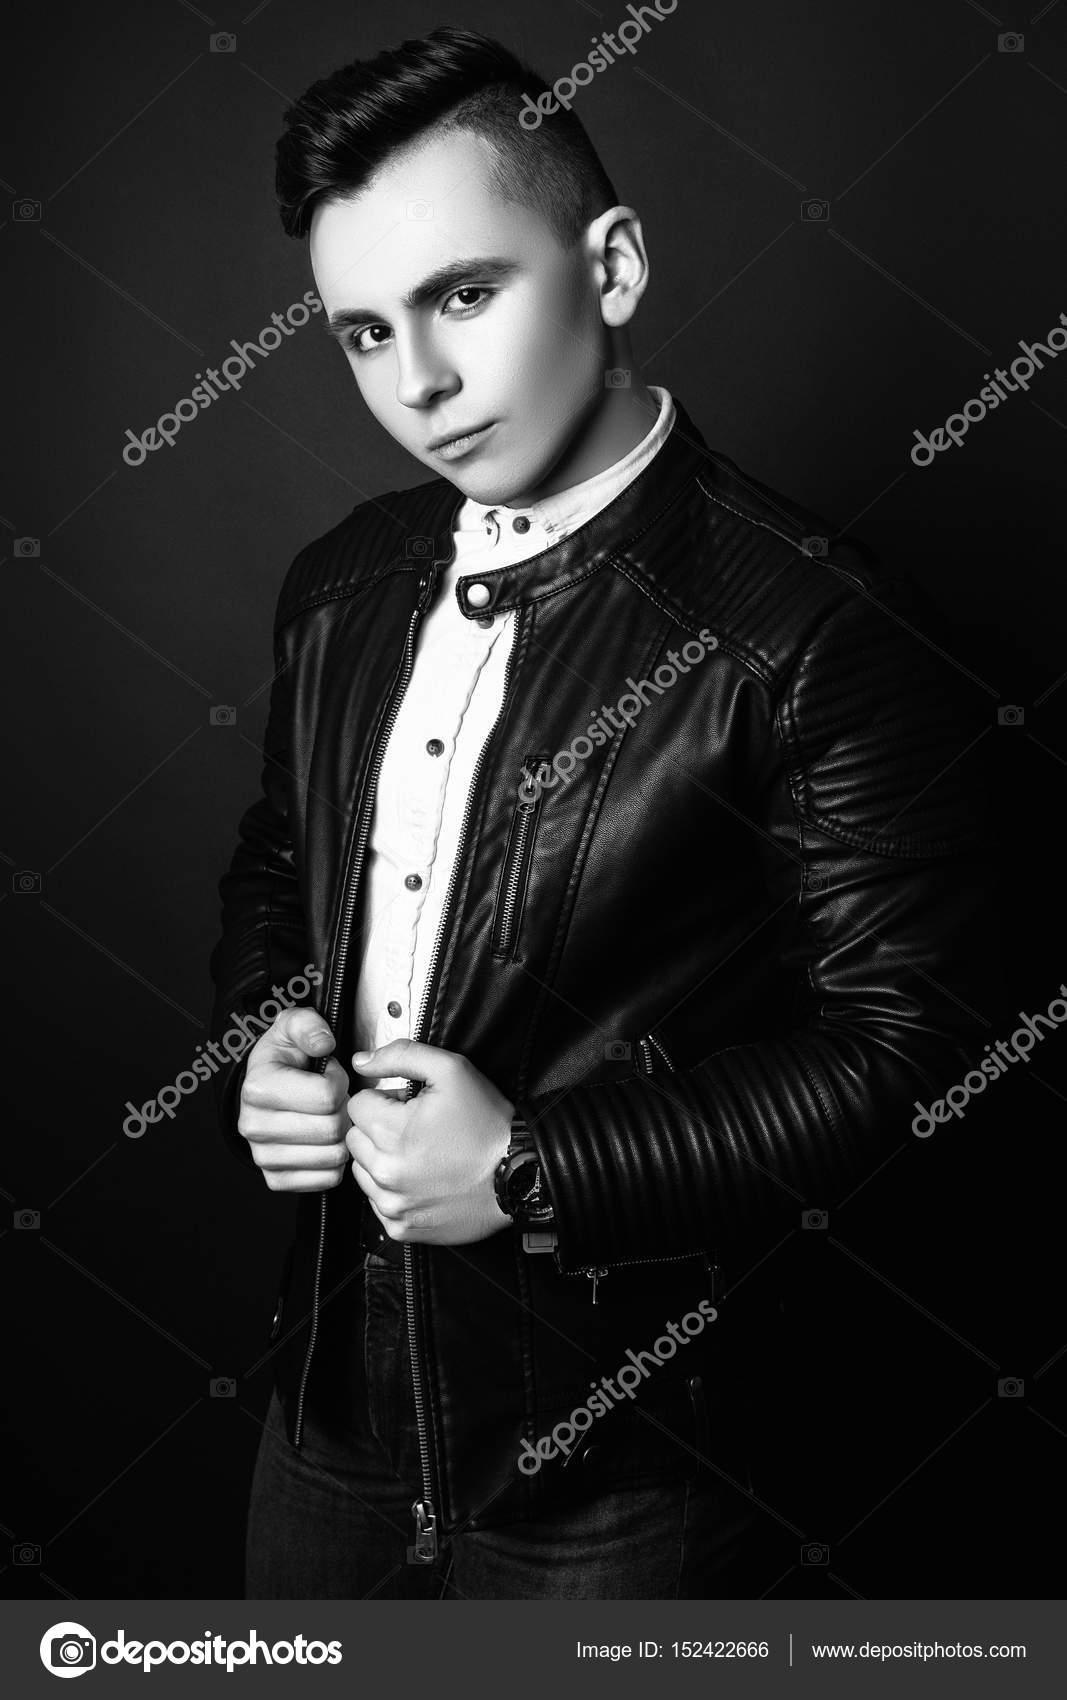 Foto di moda di giovane modello uomo su sfondo nero. Posizione del ... 975d46e5bd7